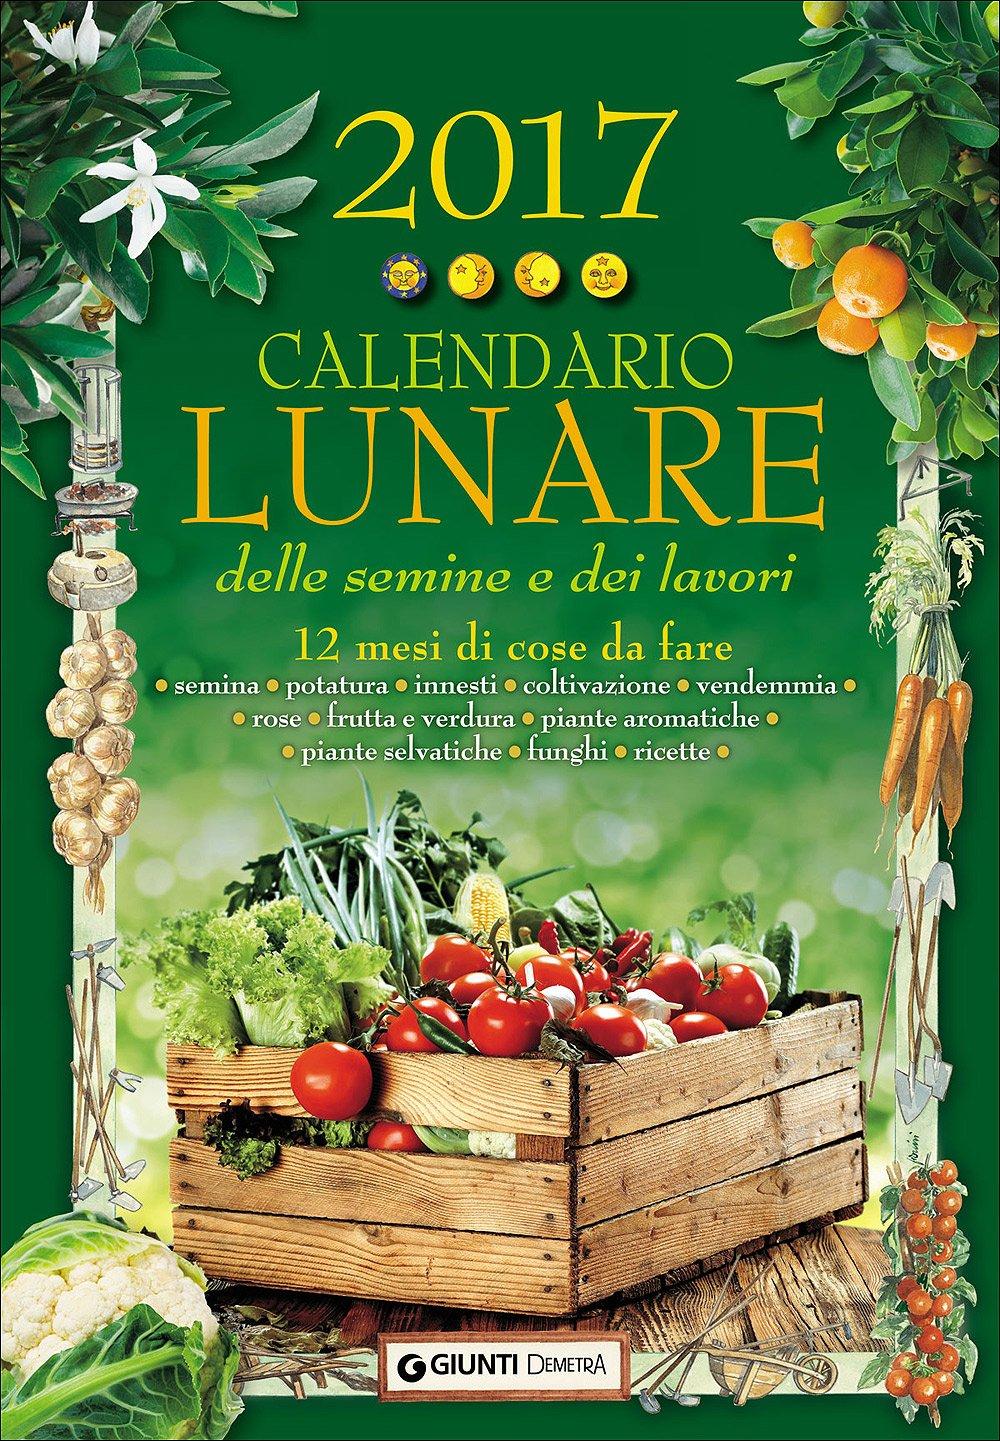 Calendario Lunare Potatura.Calendario Lunare Delle Semine E Dei Lavori 2017